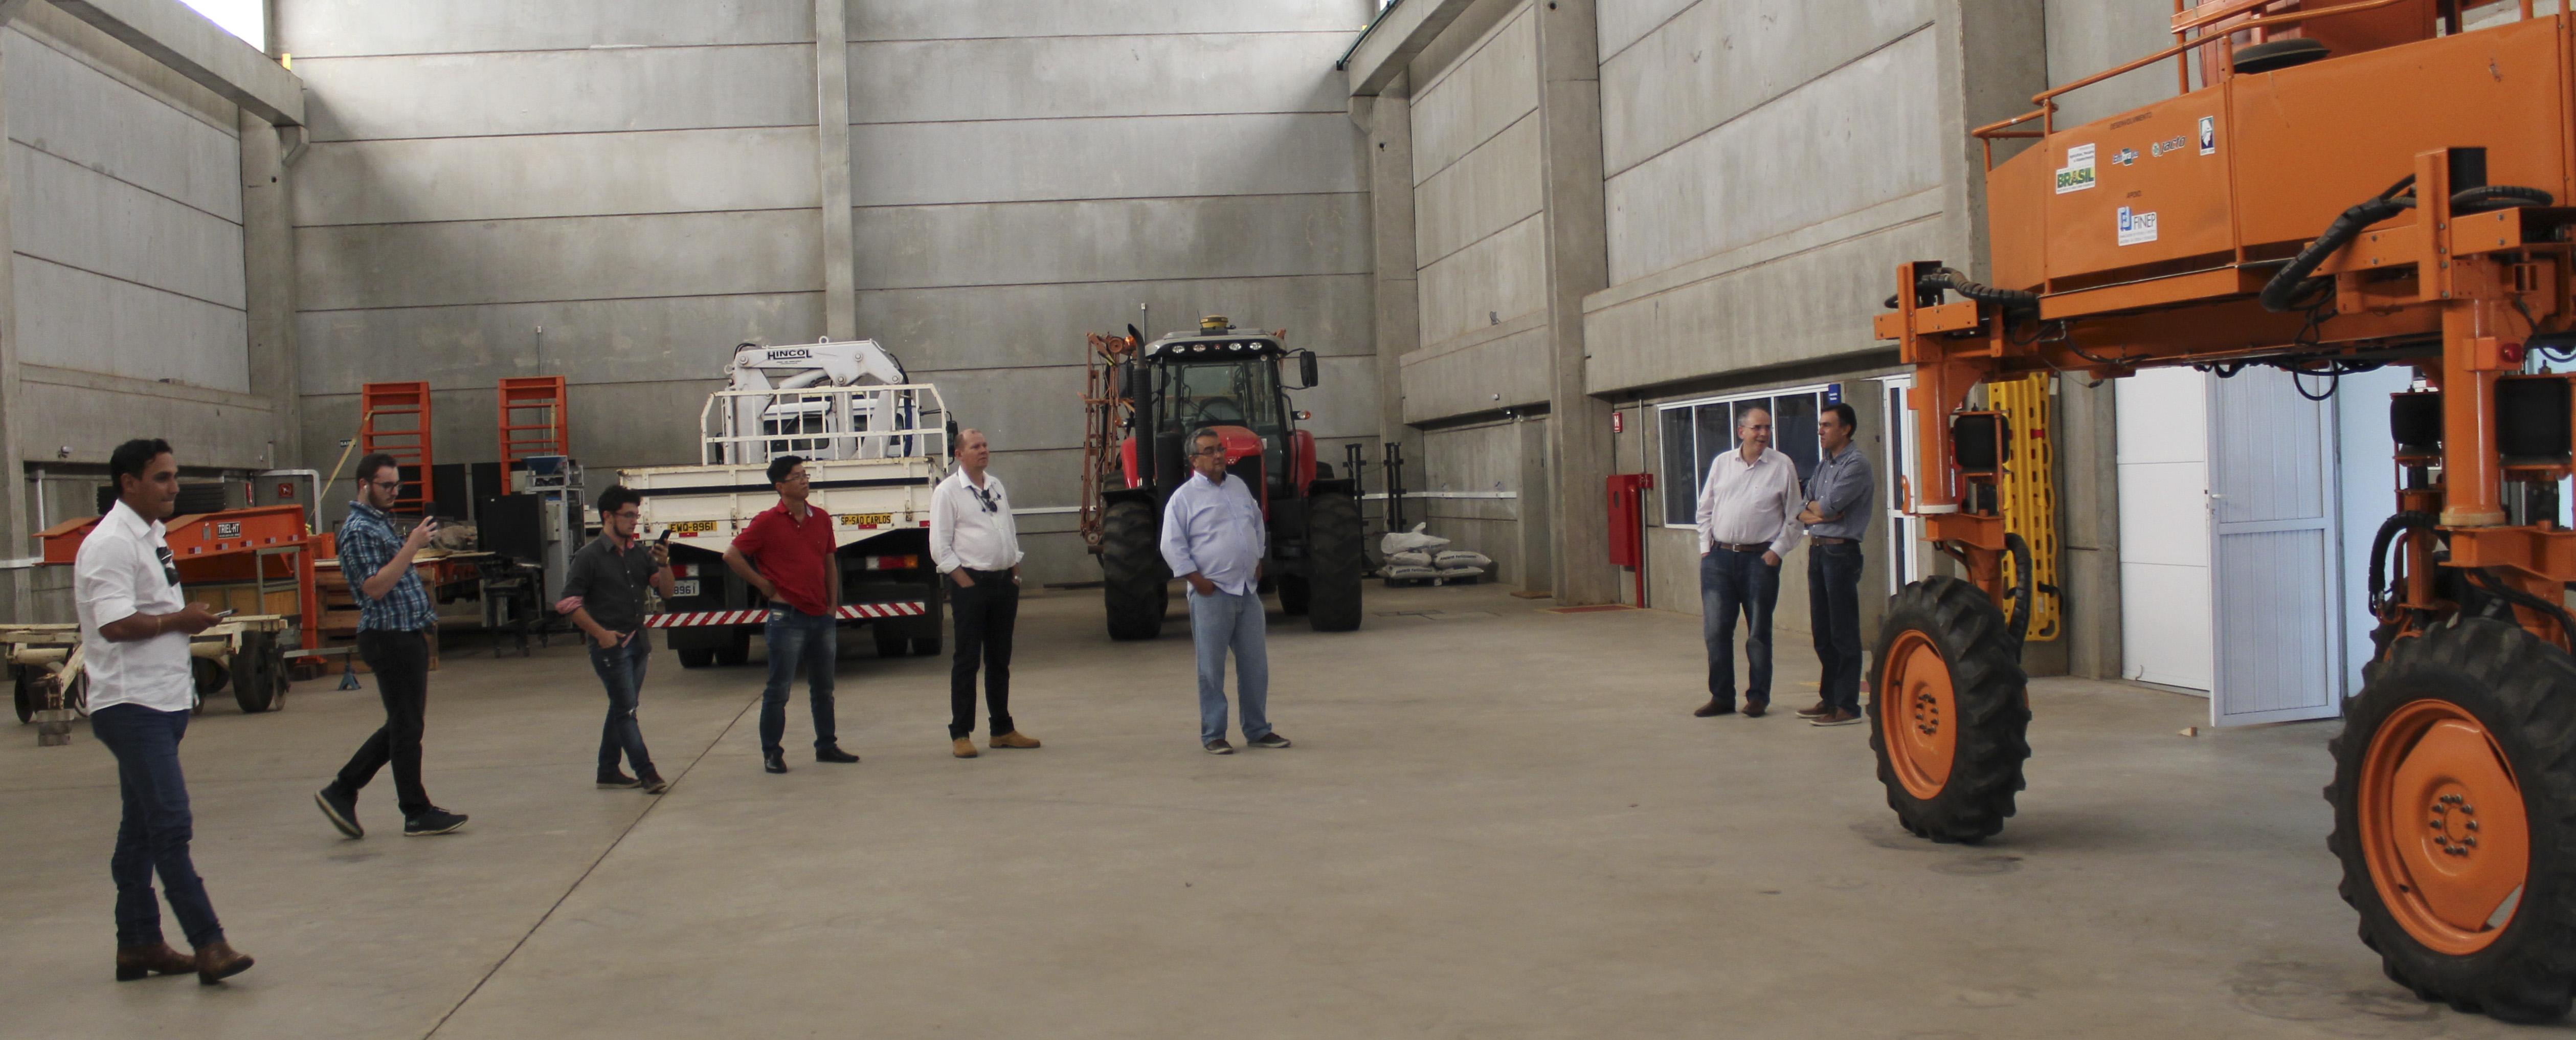 Ricardo Inamasu - Robô agrícola móvel é uma das tecnologias em Agricultura de Precisão que os holandeses visitam em São Carlos